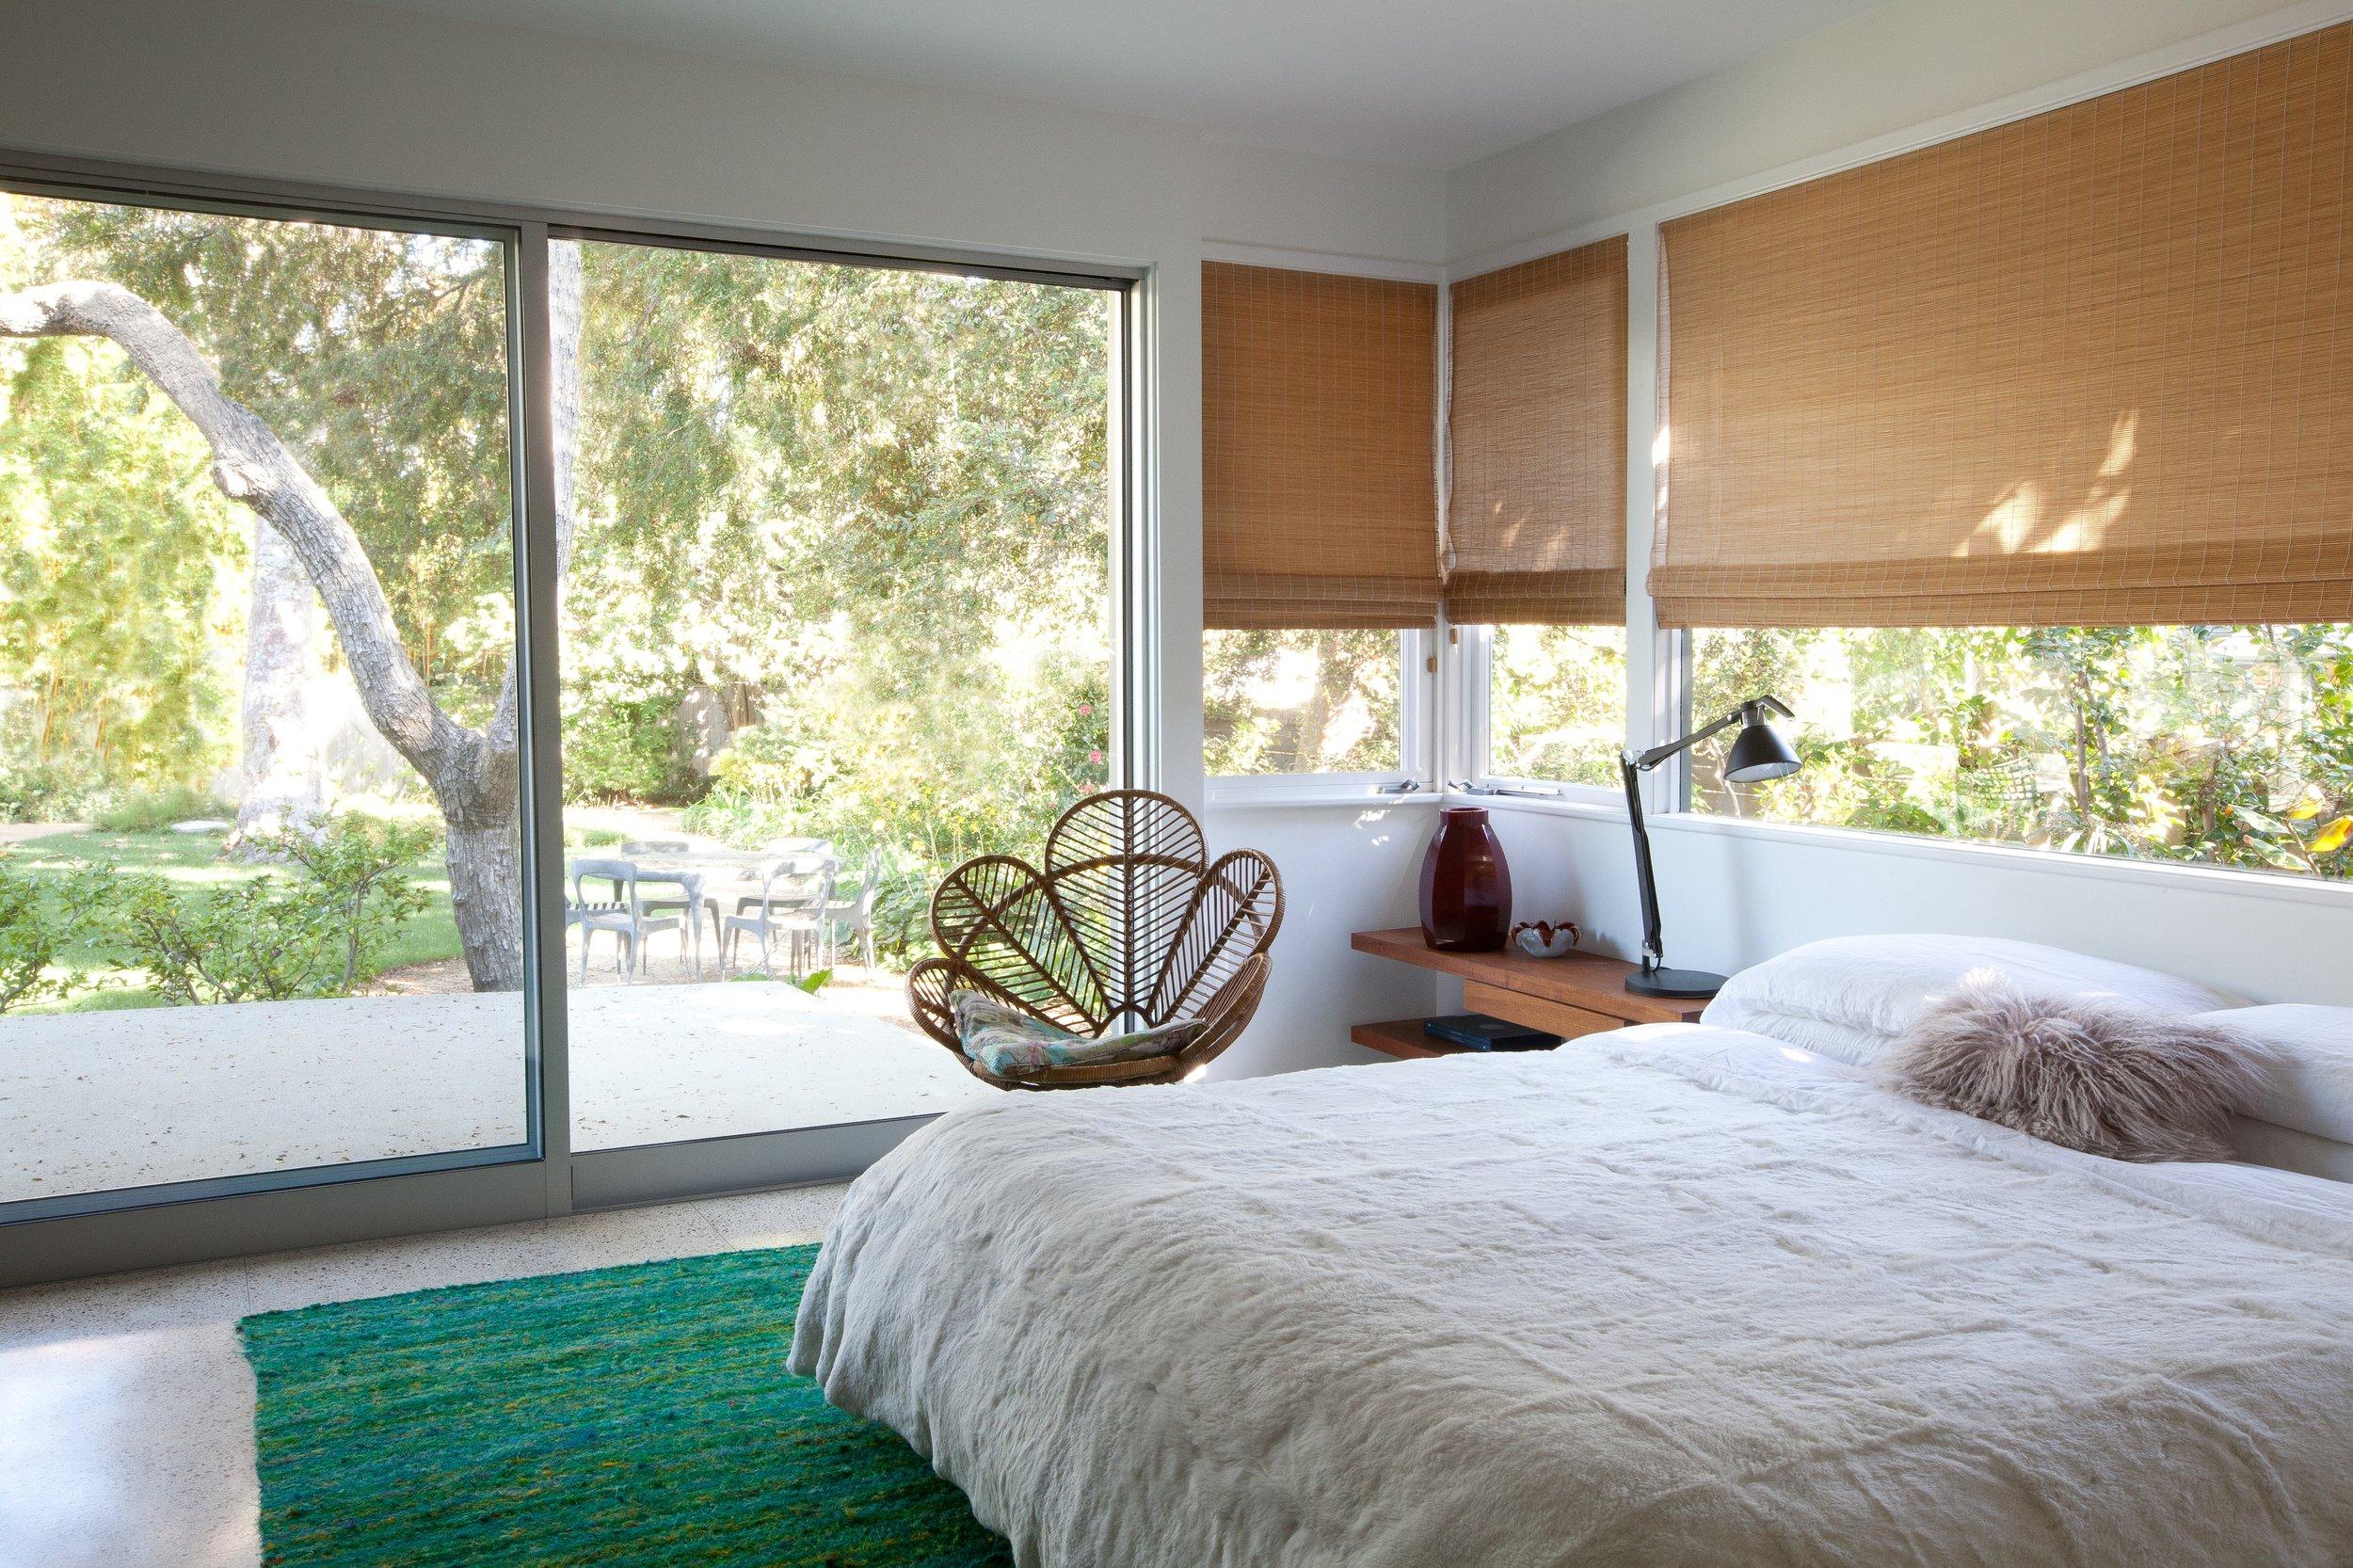 Brentwood_bedroom.jpg